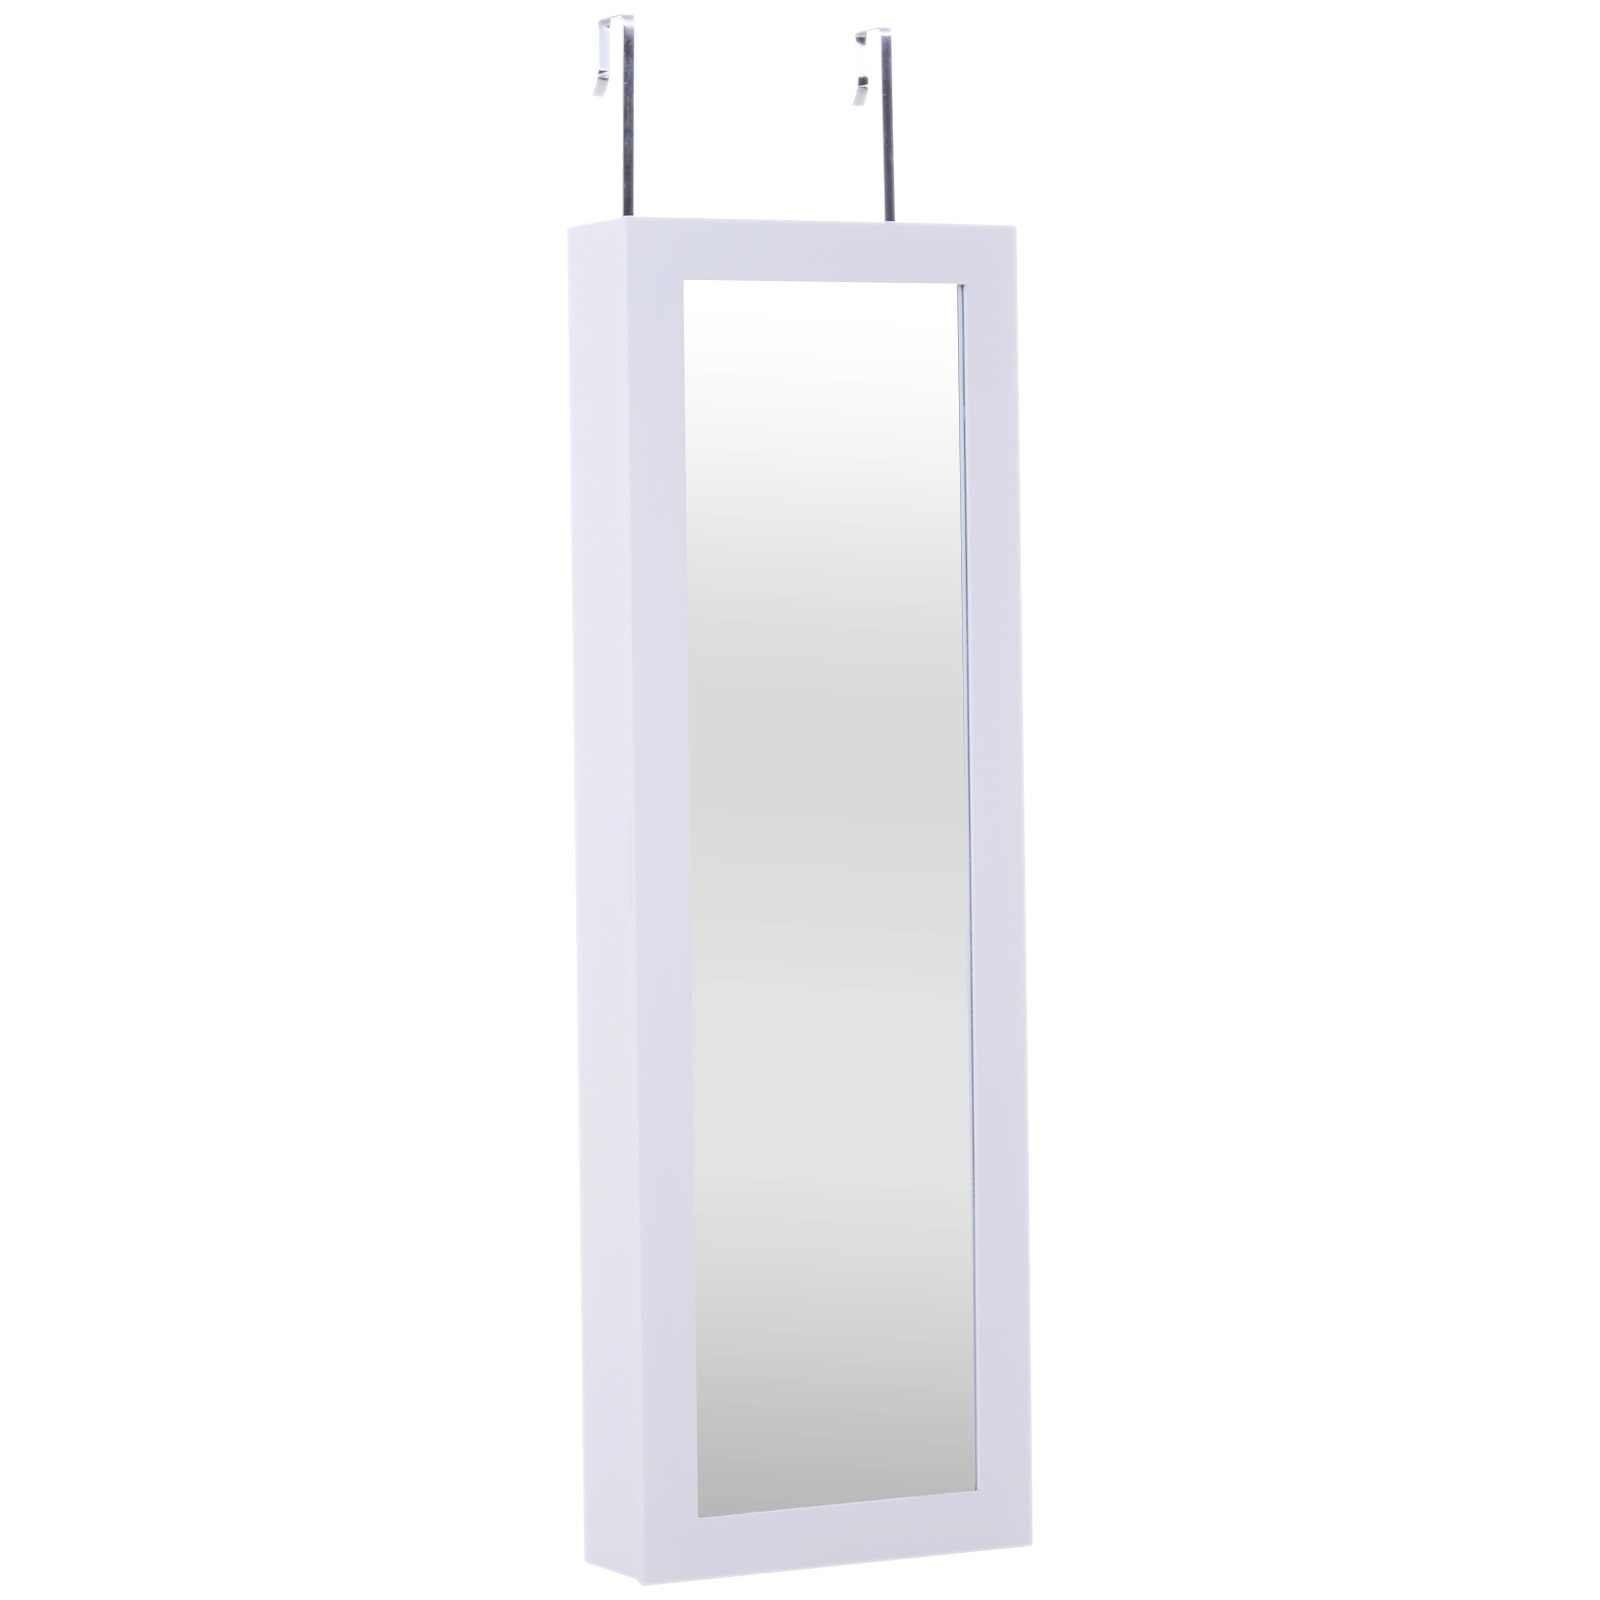 Homcom Armadio Portagioie Da Parete Porta Con Specchio In Legno Mdf 36x108 5x11 5cm Bianco Decorative Mirrors Aliexpress